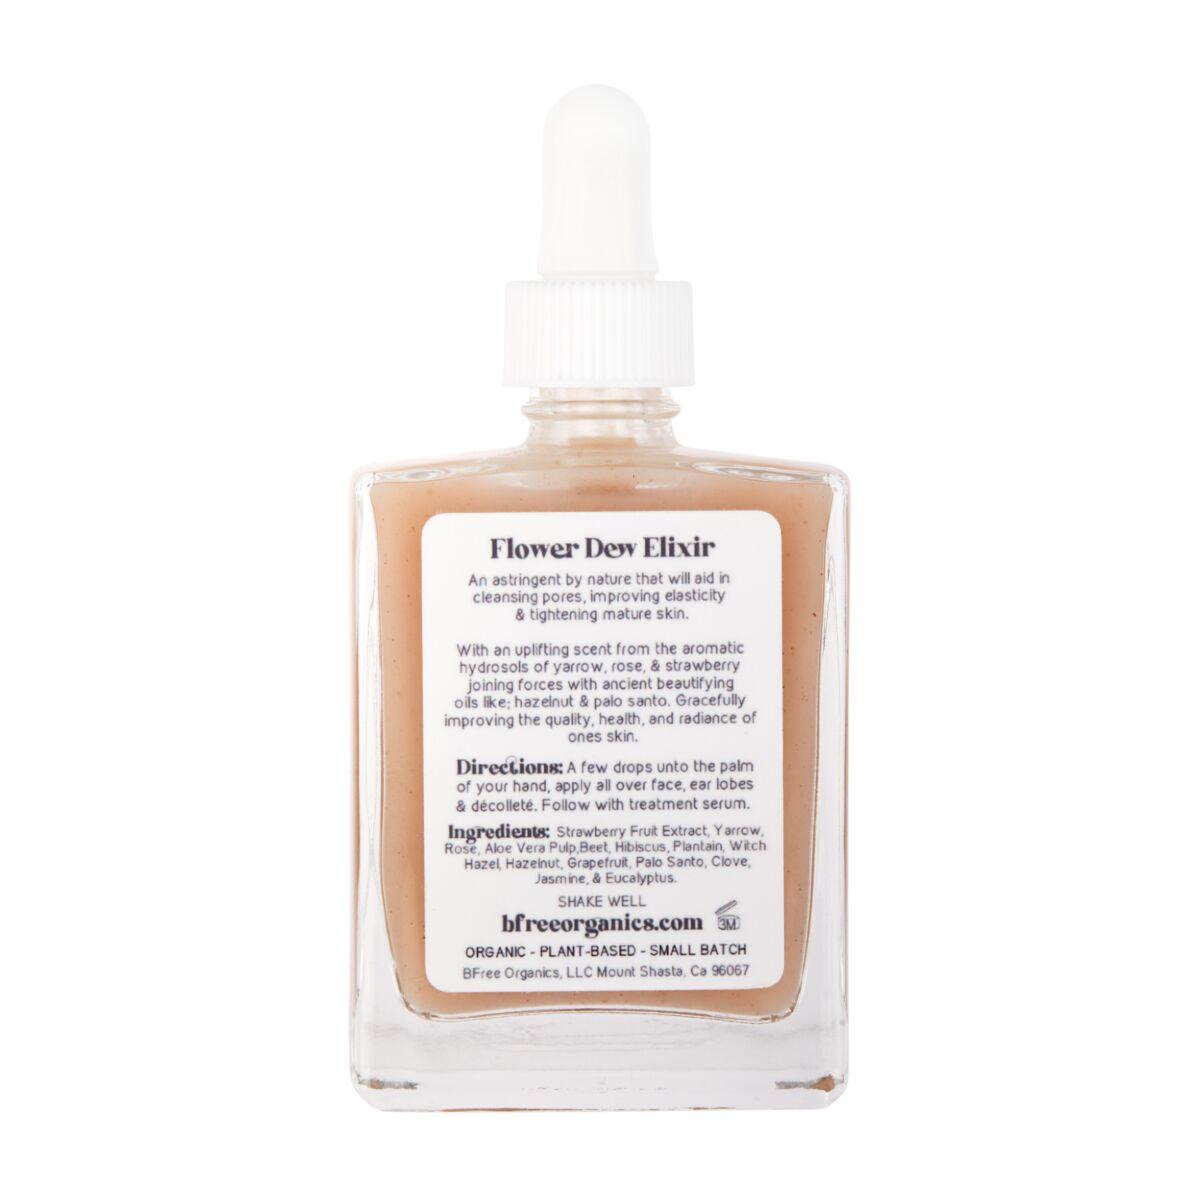 Flower Dew Elixir Drops image